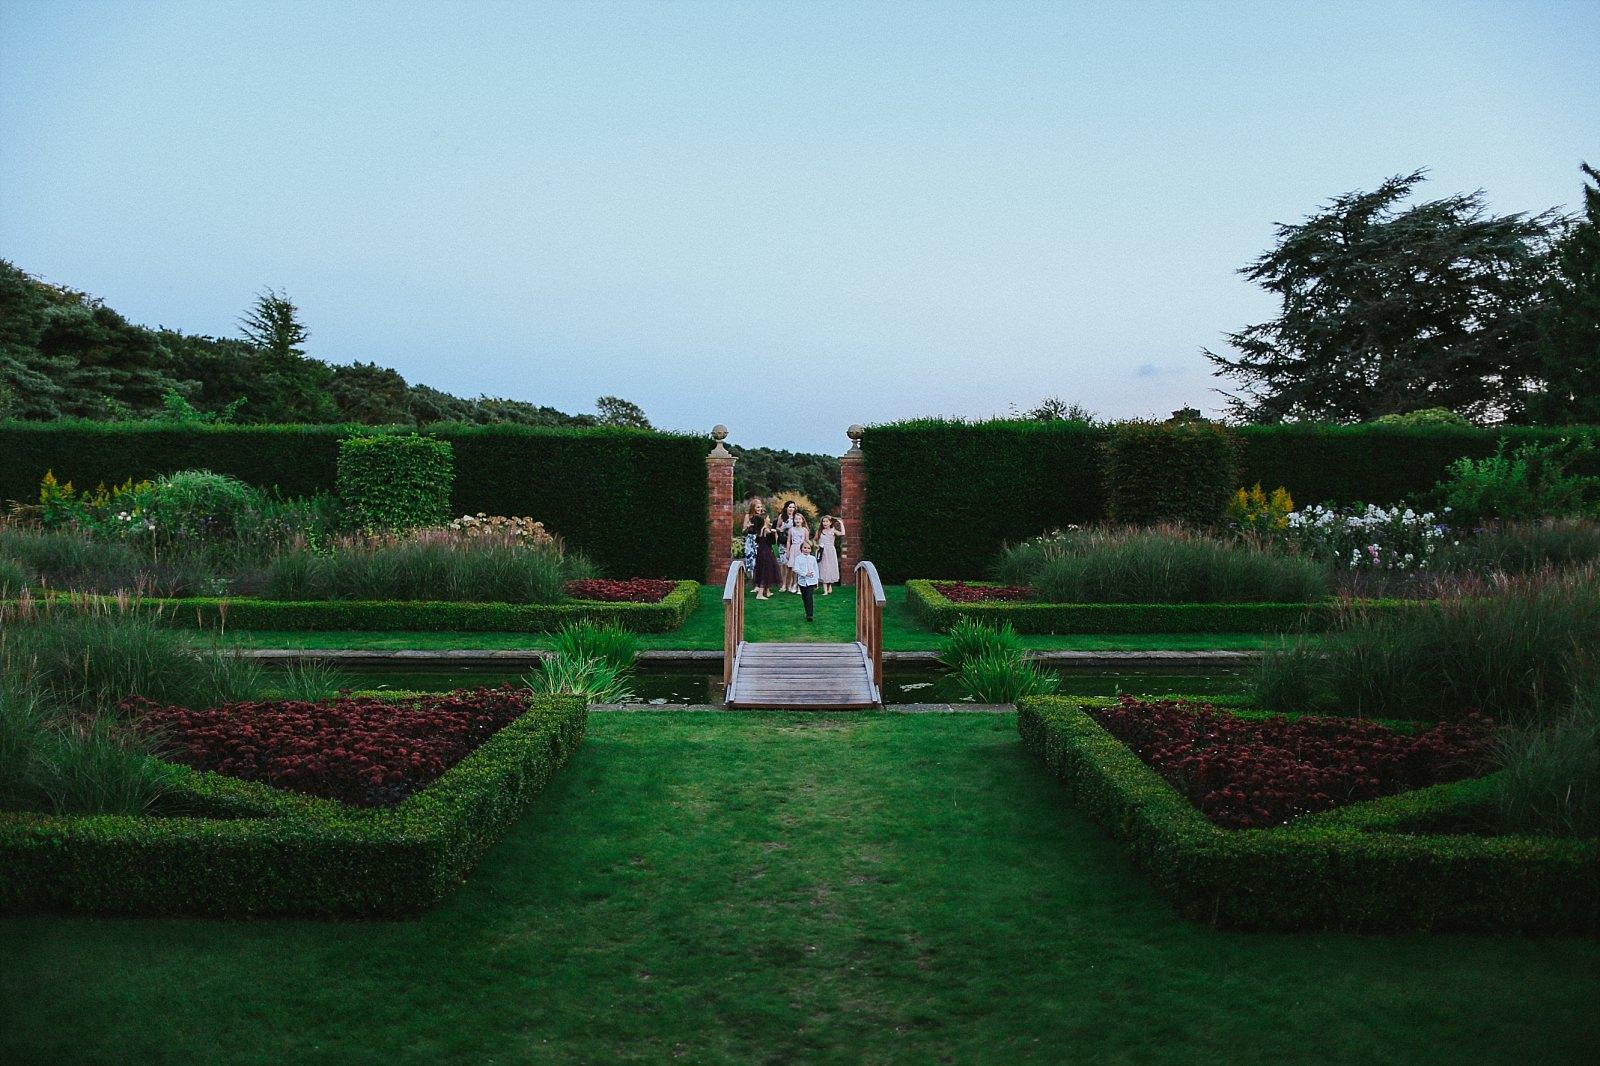 Abbeywood Estate gardens at dusk with children running around it